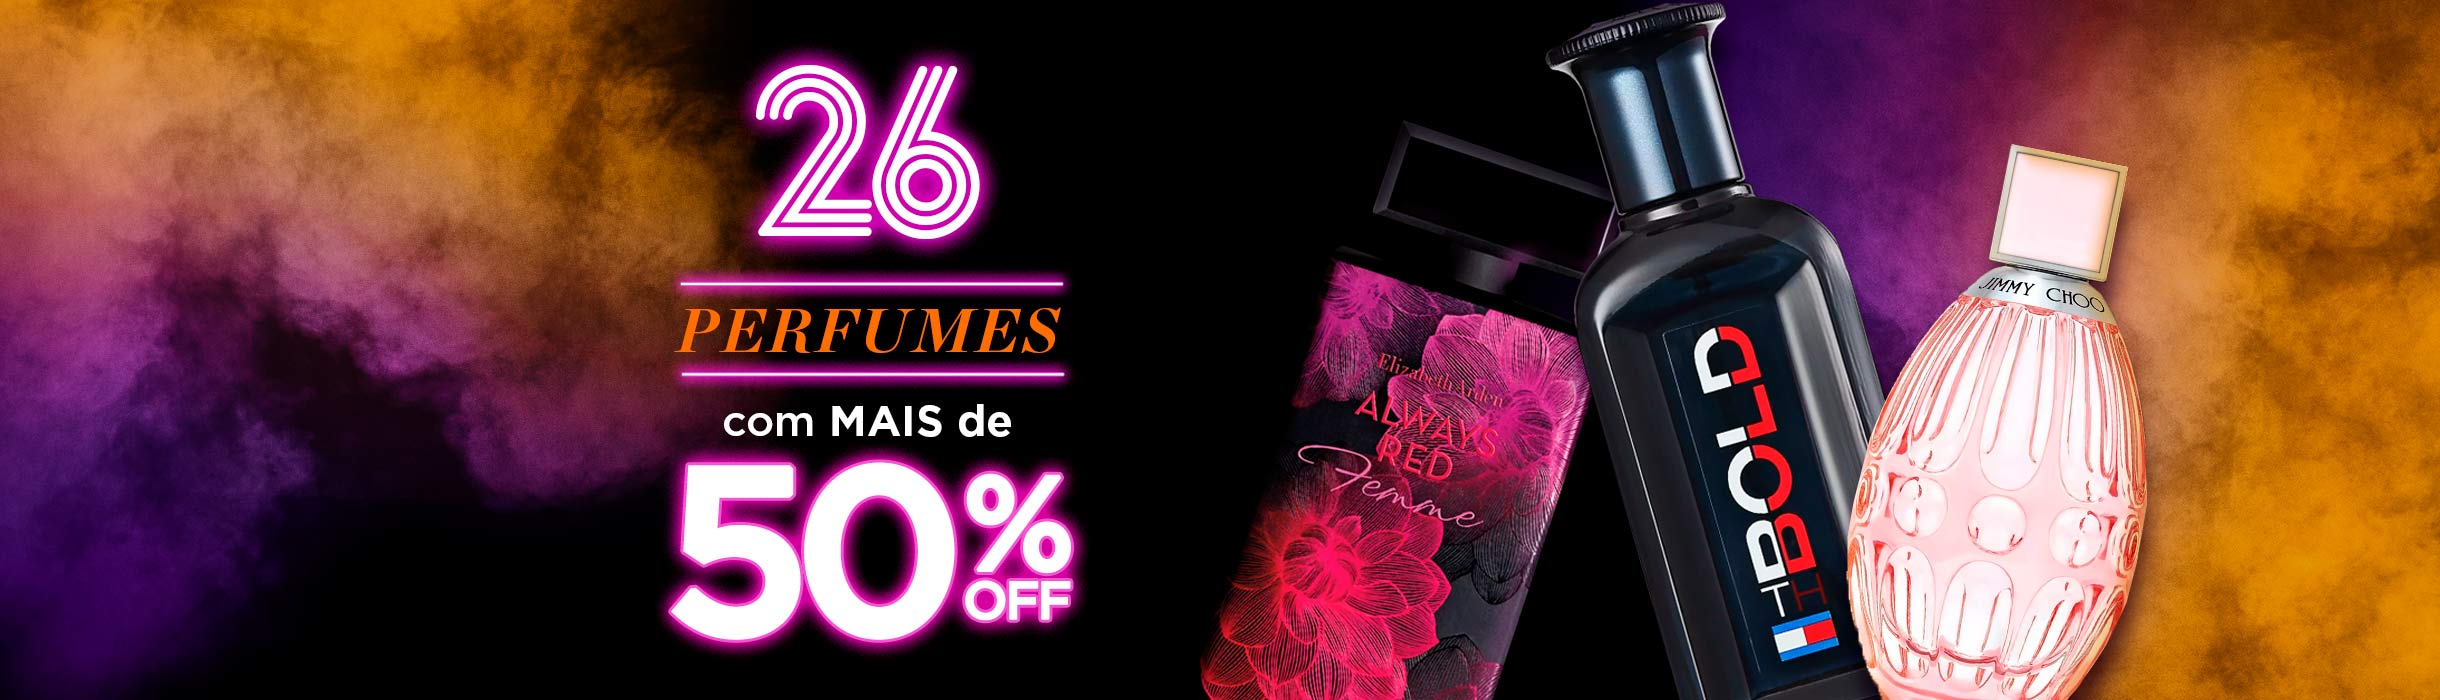 Promoção Especial em Perfumes na Black Friday